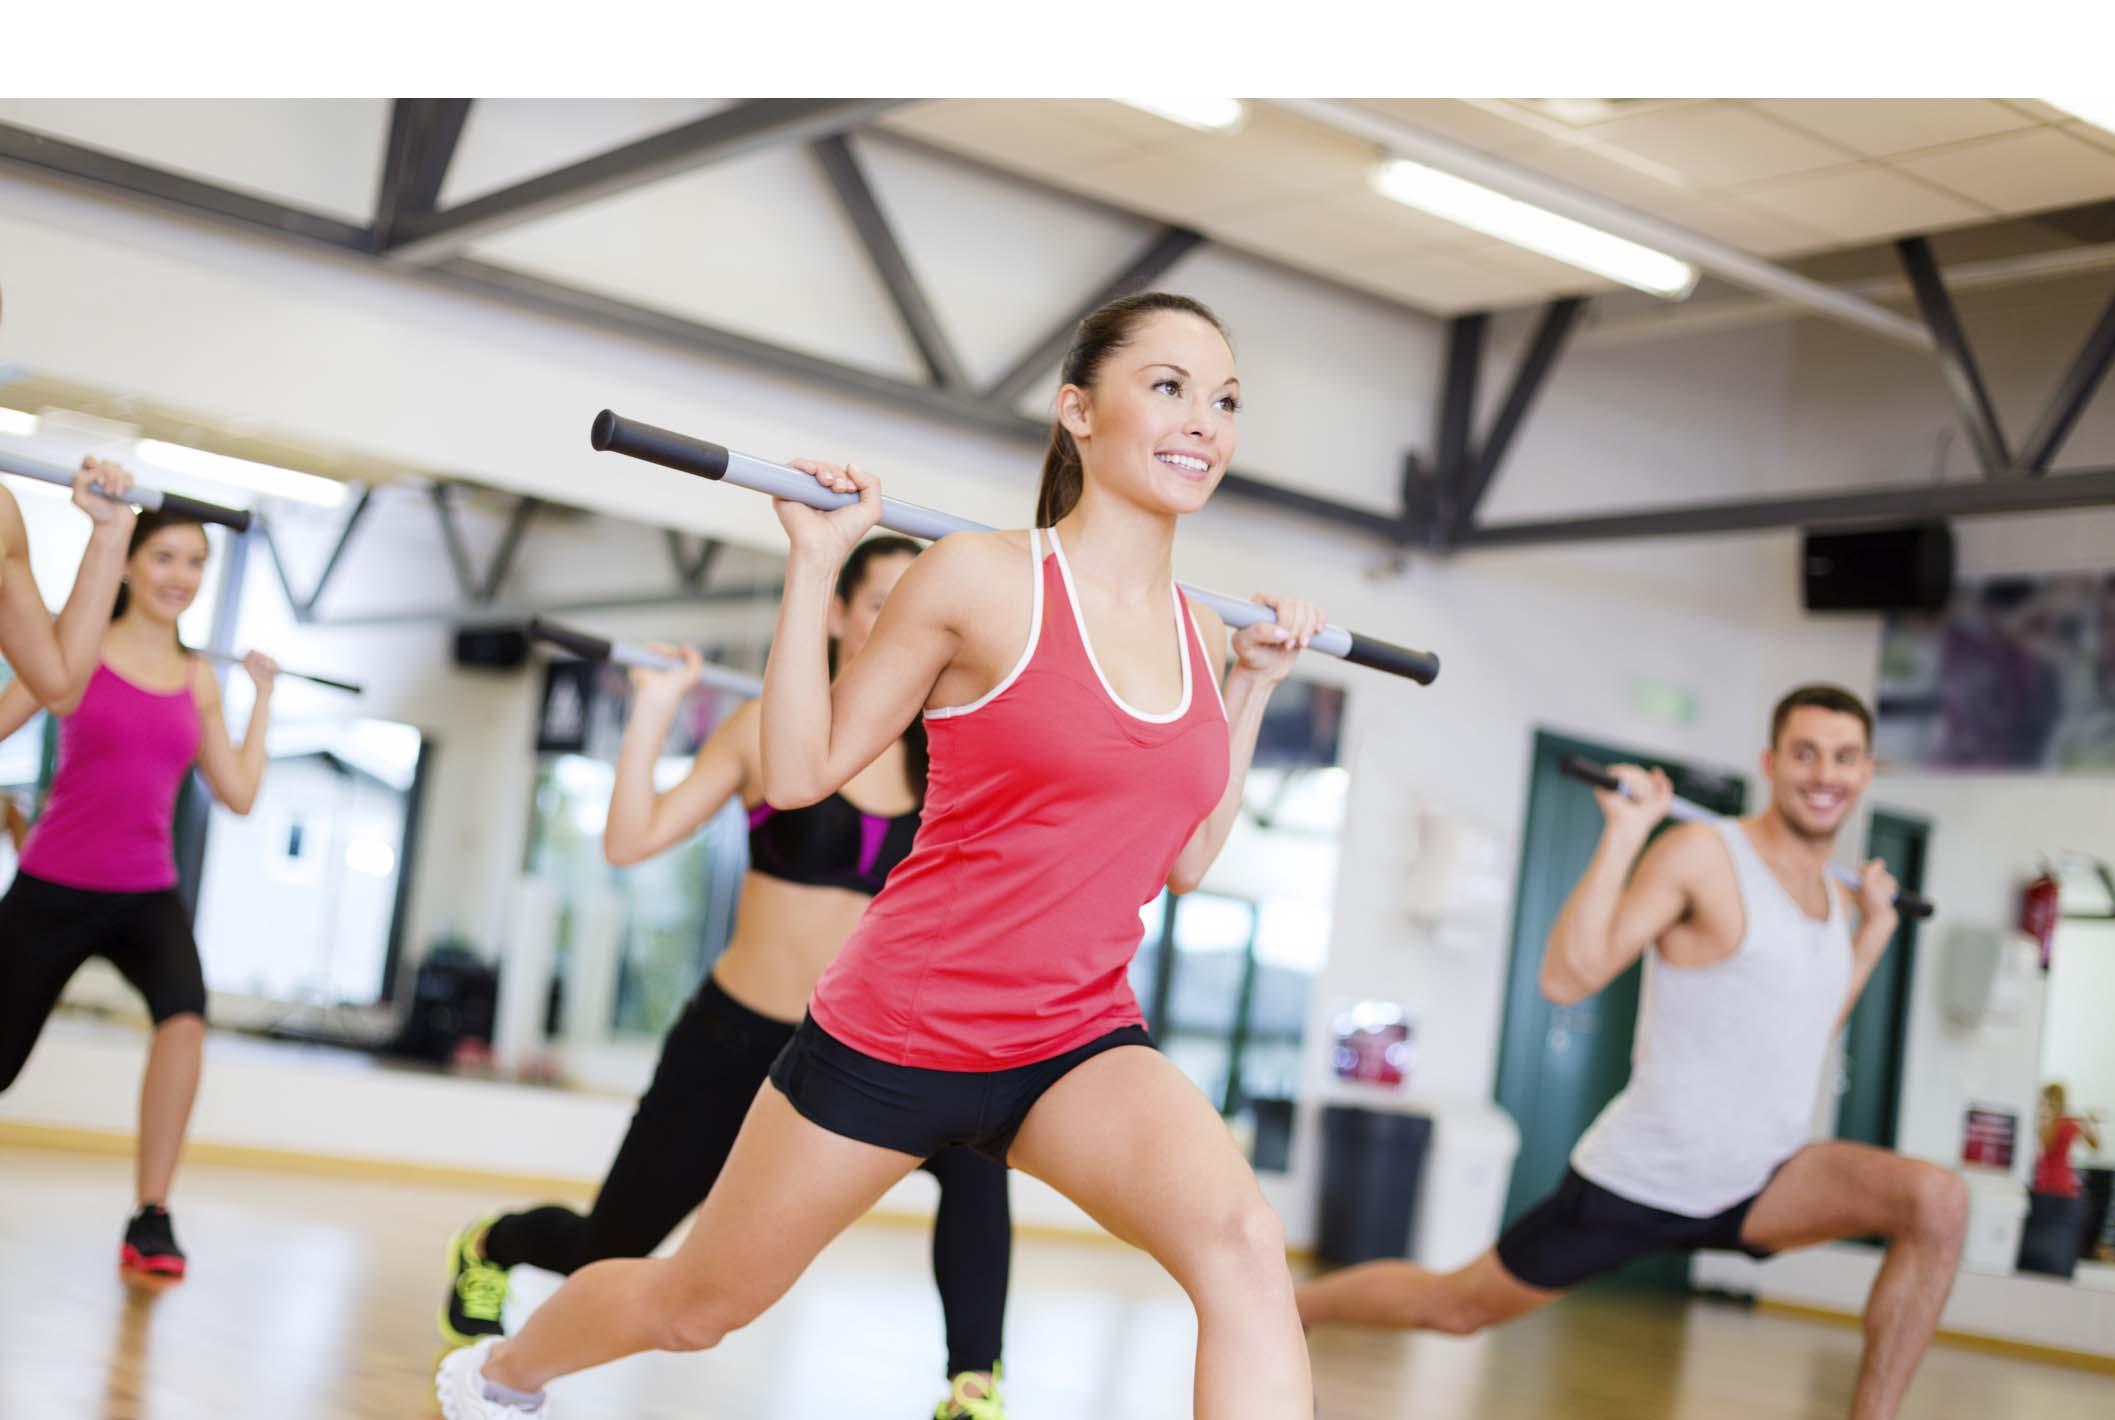 Una hora al día invertida en ejercitarse puede ayudar cambiar el aspecto físico de tú cuerpo, junto con una alimentación saludable